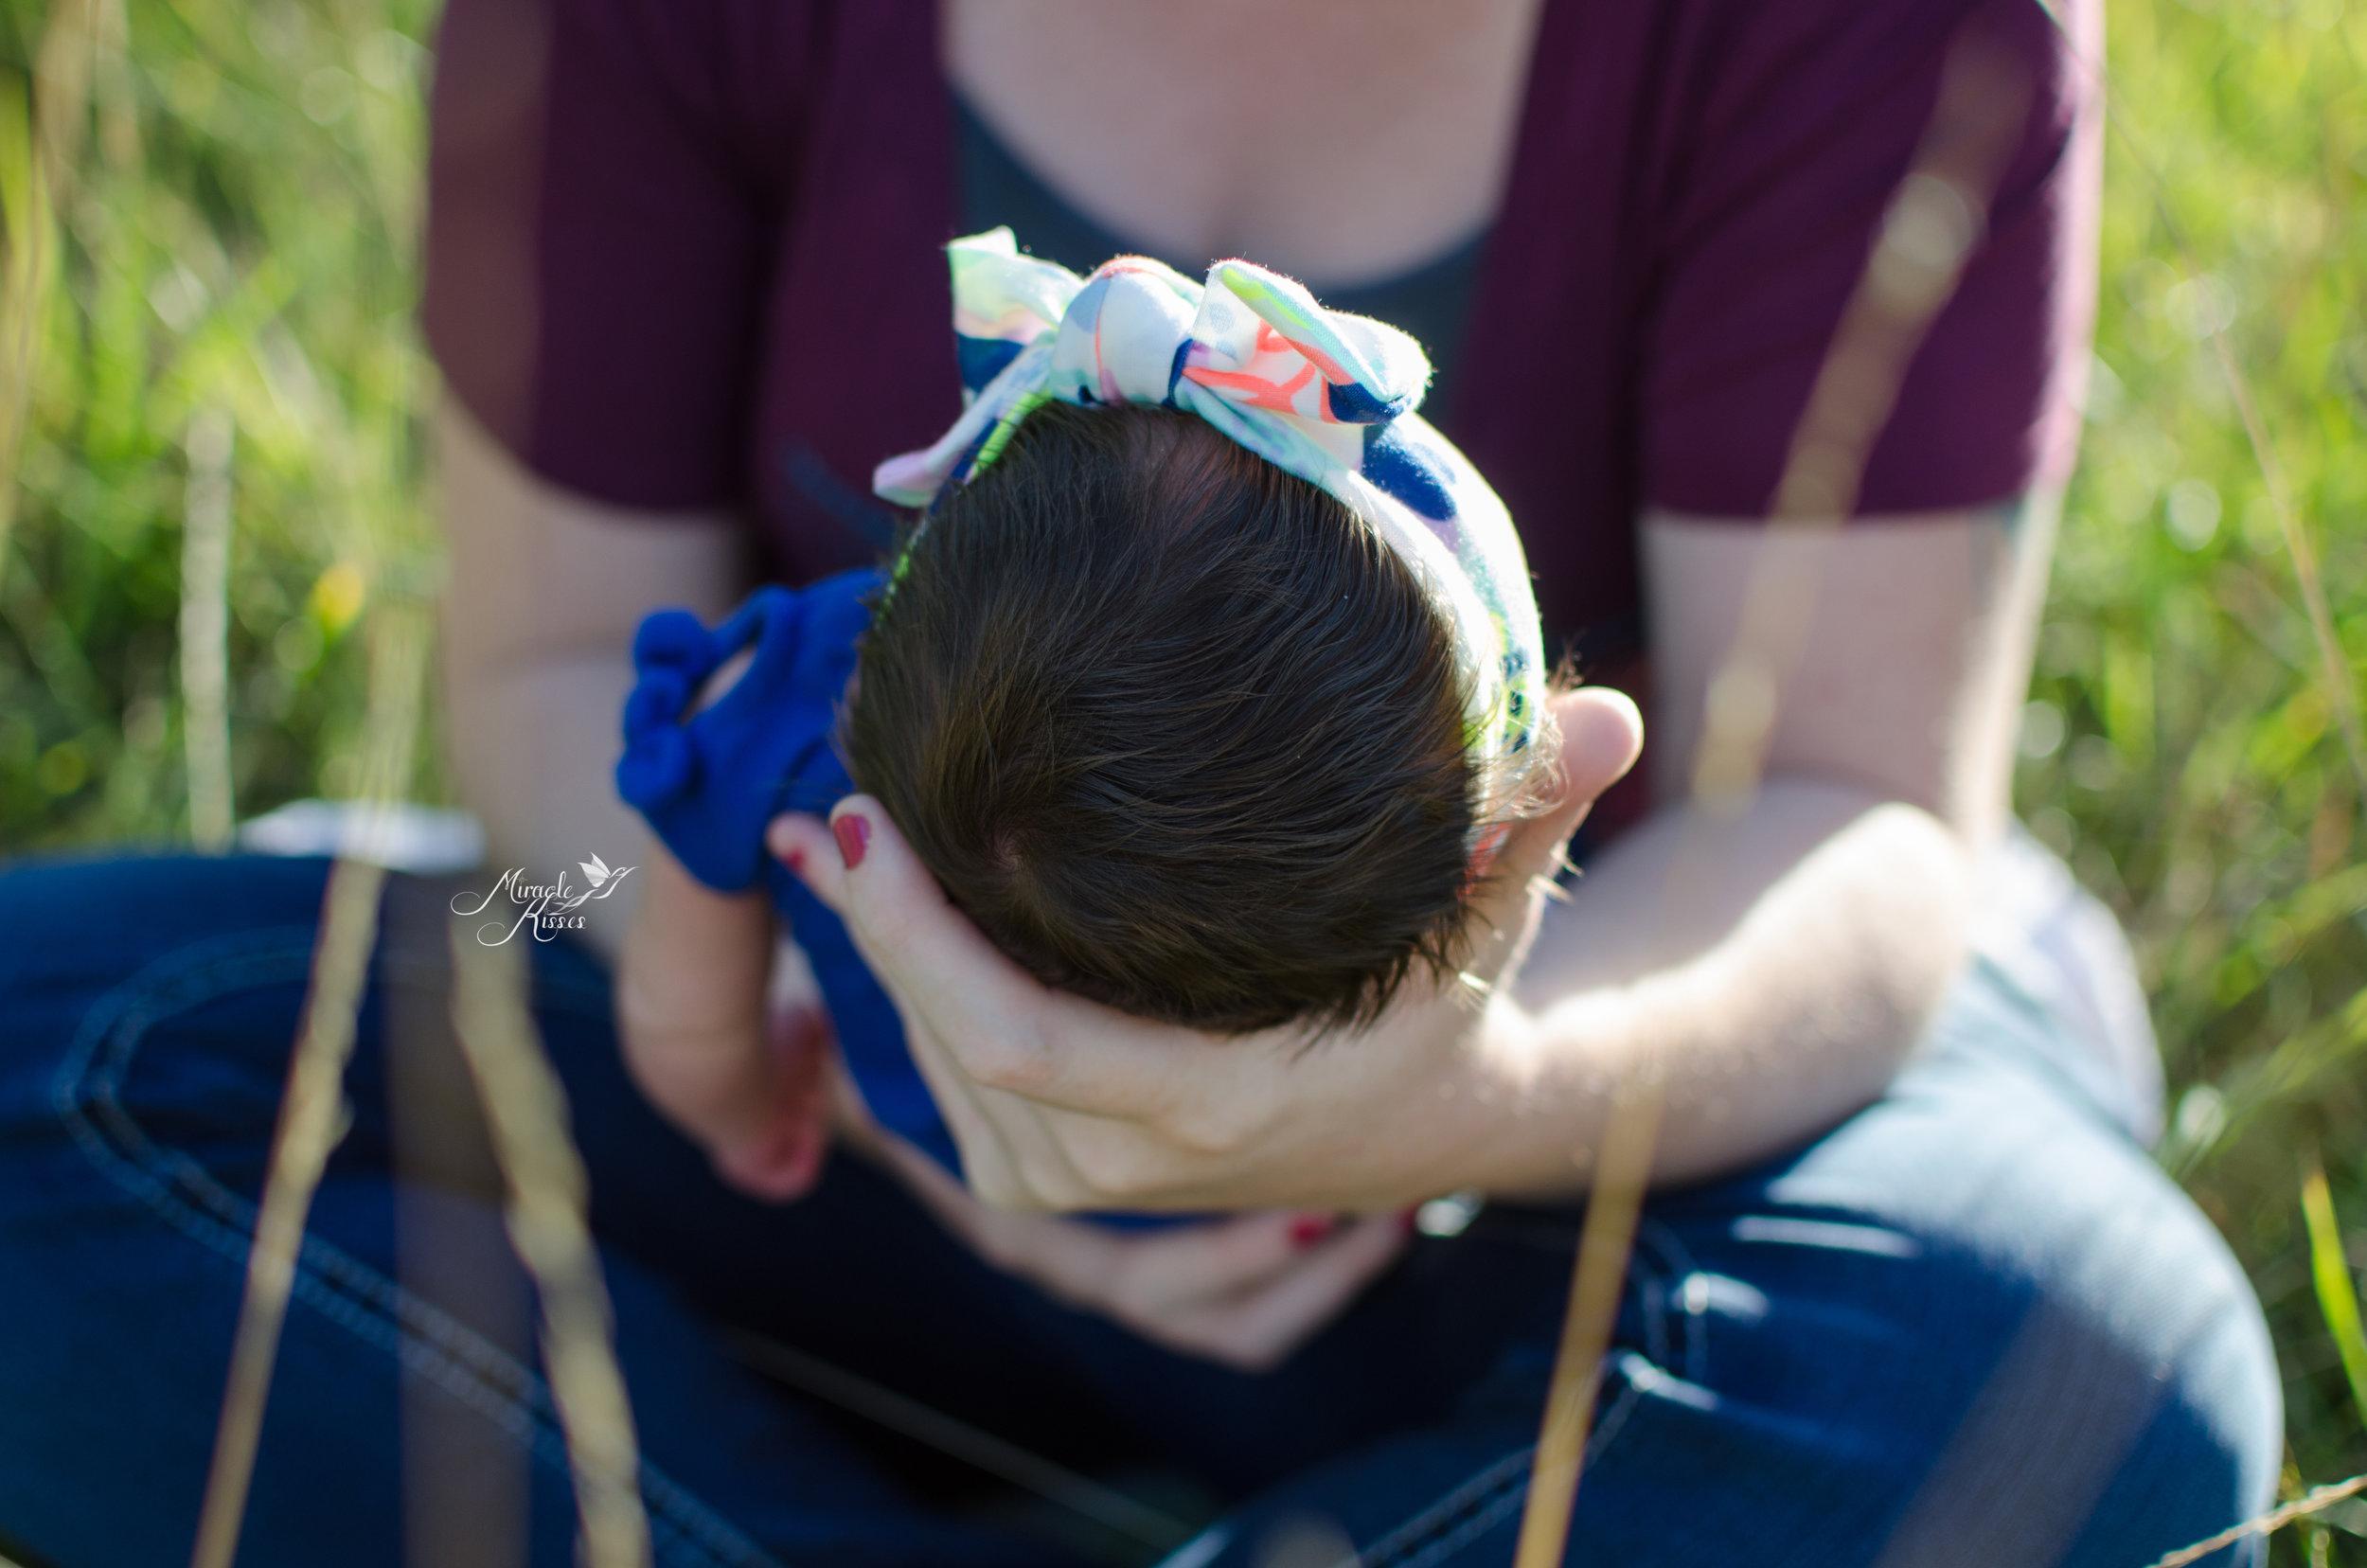 outdoor newborn photography, baby detail photo, newborn portrait